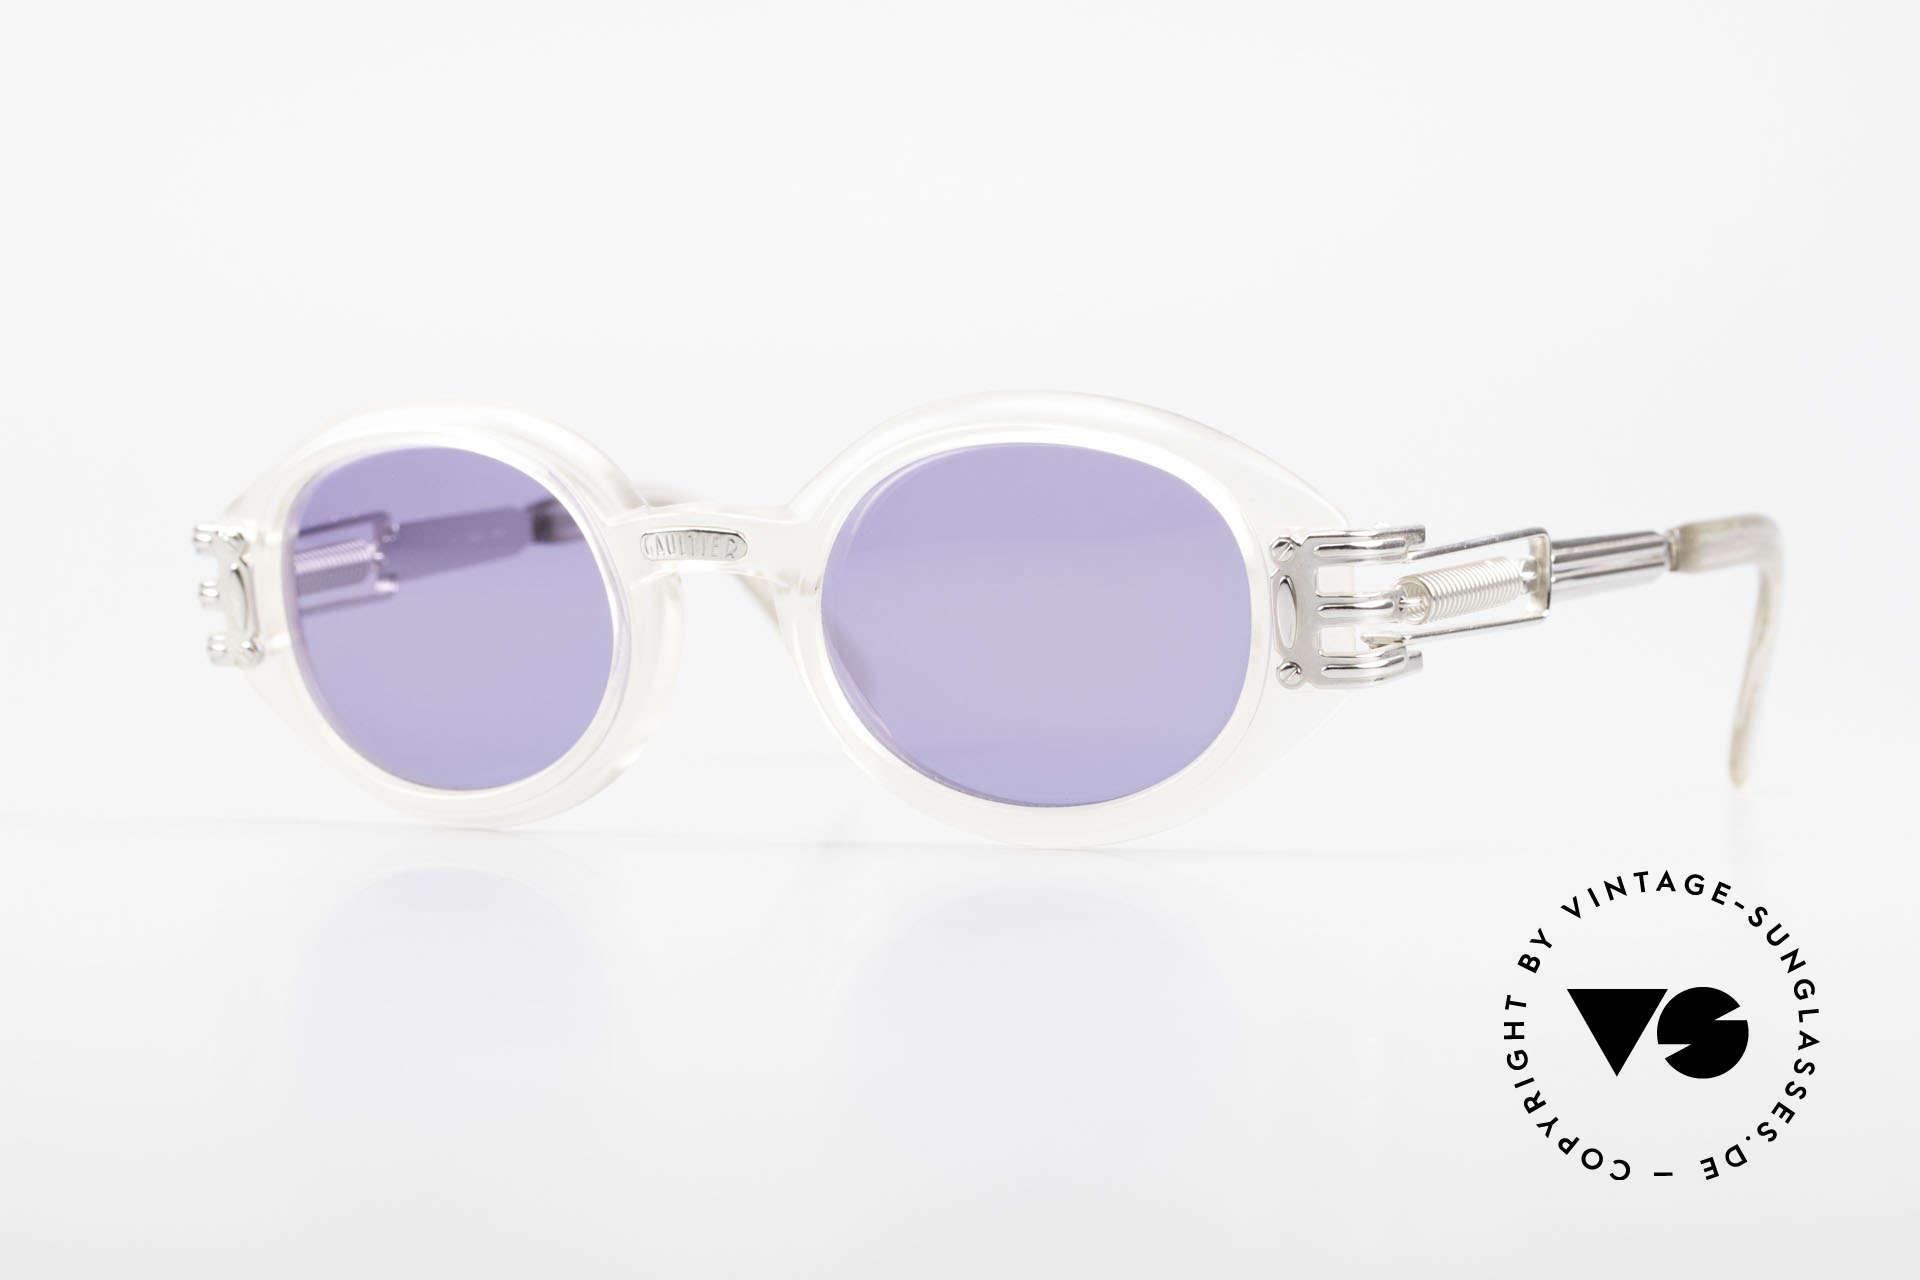 Jean Paul Gaultier 56-5203 Steampunk Designer Brille, vintage 1990er Jean Paul Gaultier Kultsonnenbrille, Passend für Herren und Damen